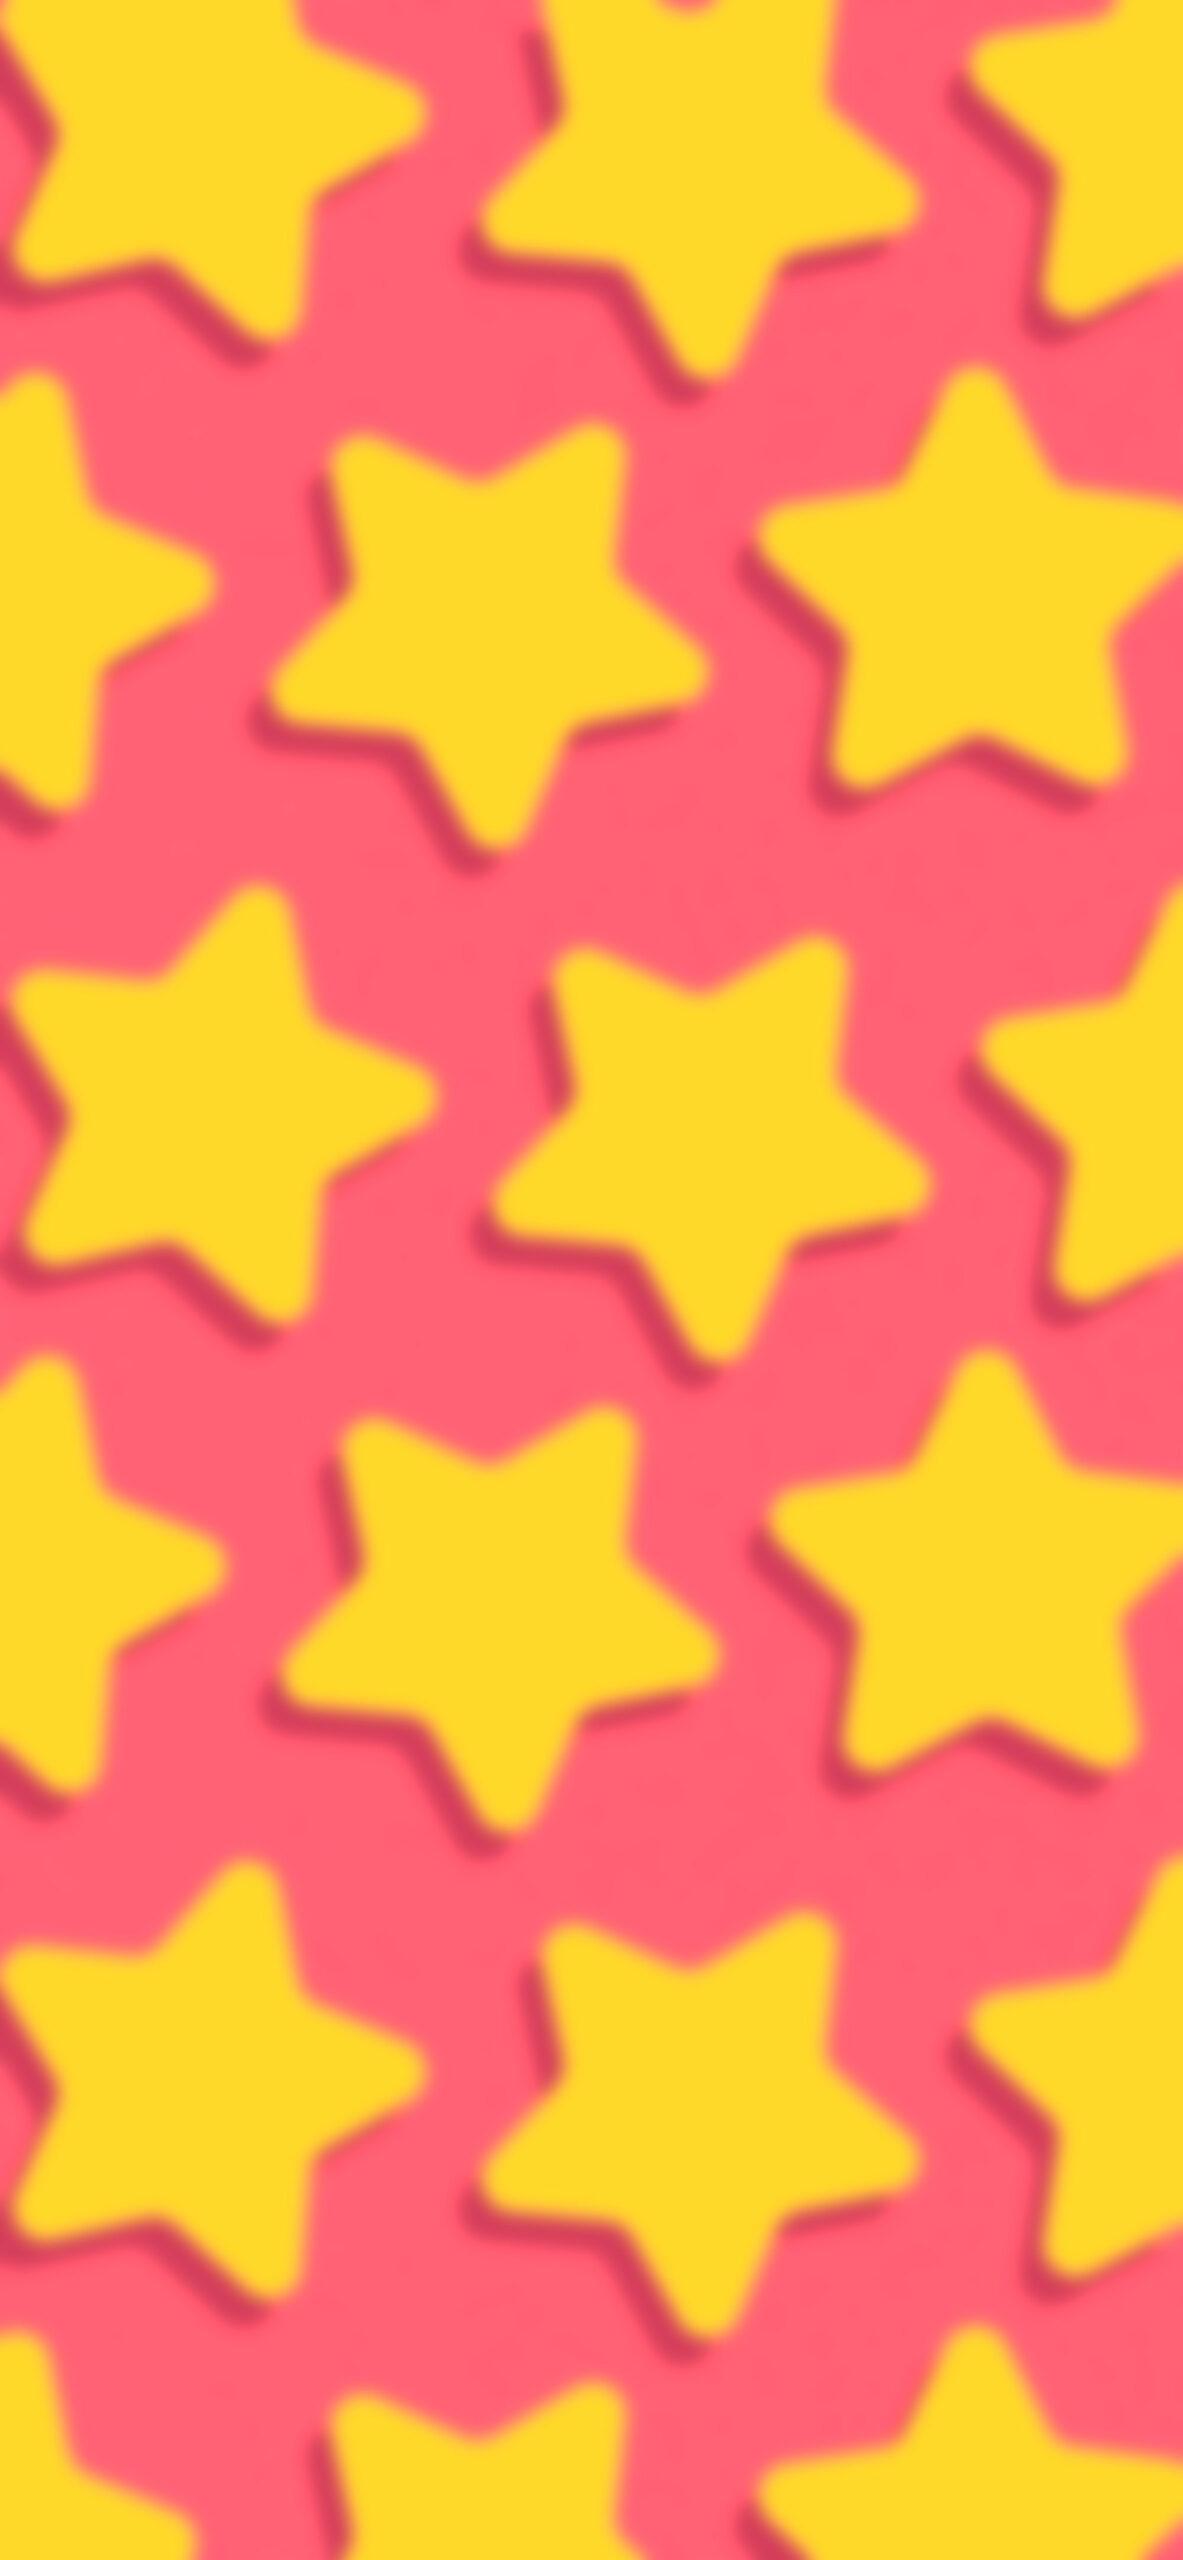 steven universe minimalist blur background